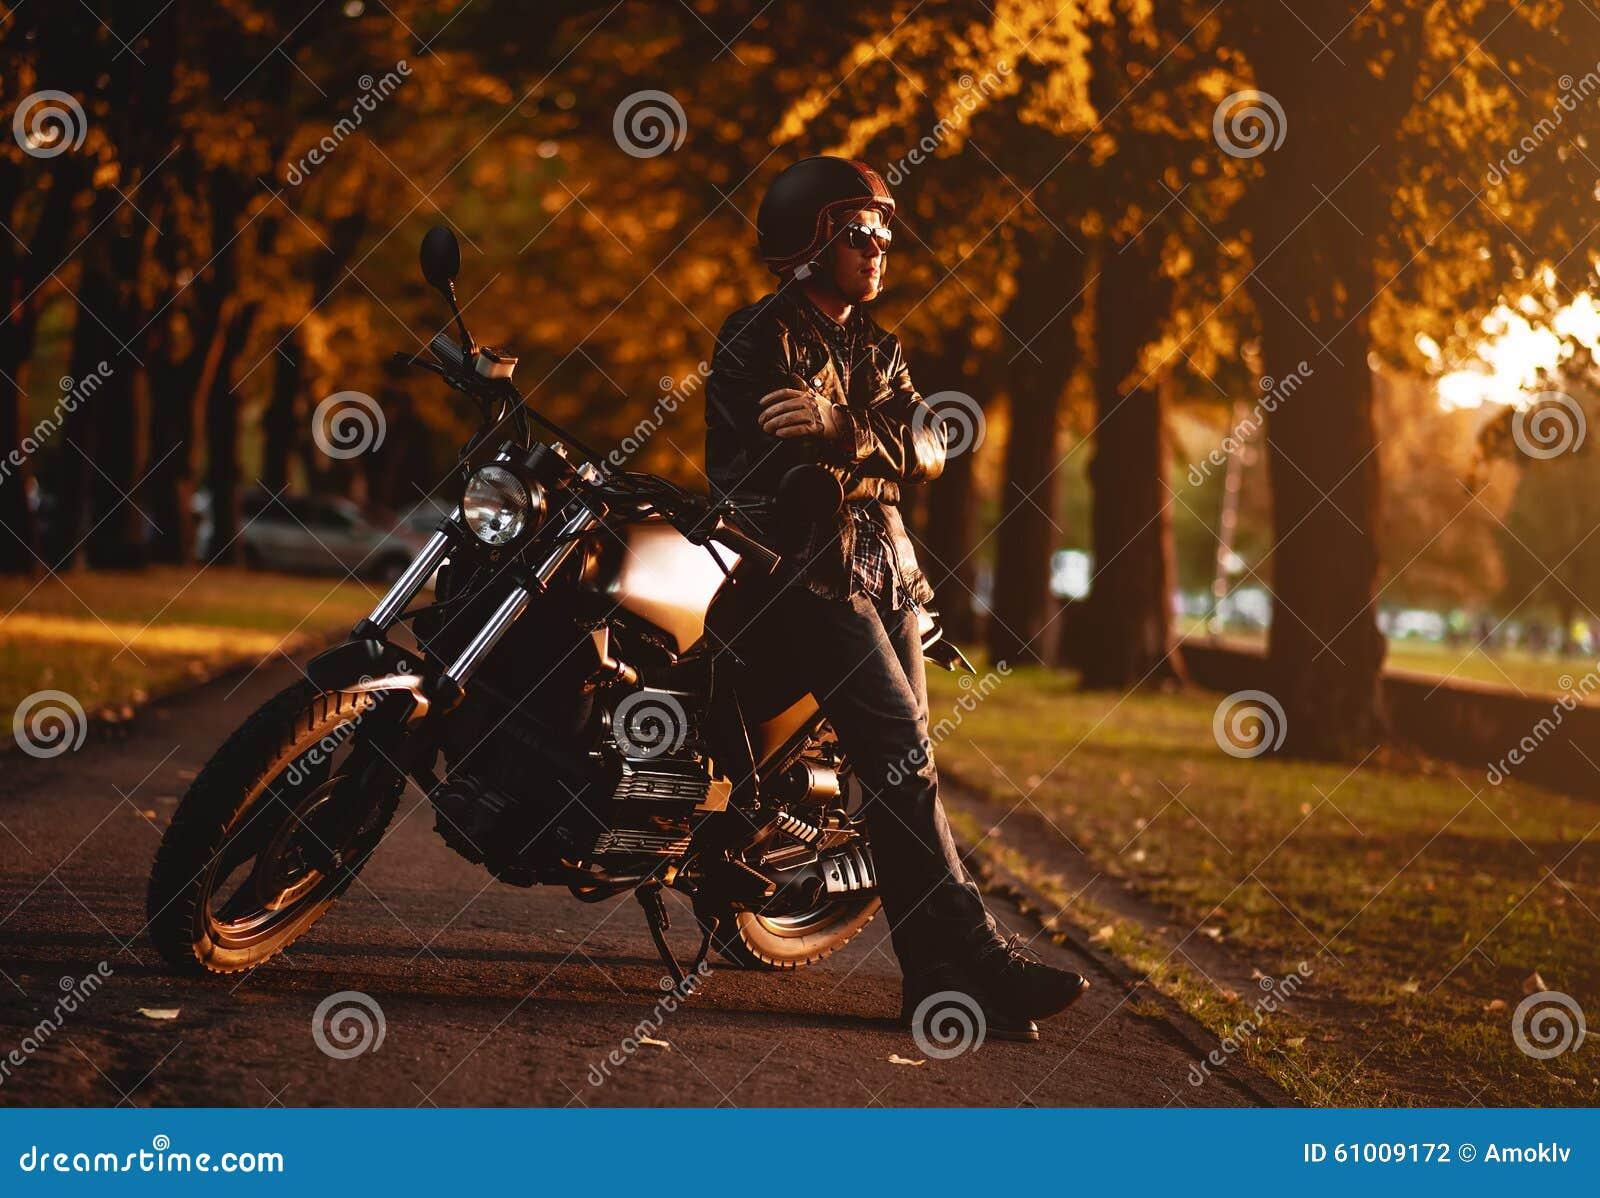 Motociclista com uma motocicleta do café-piloto